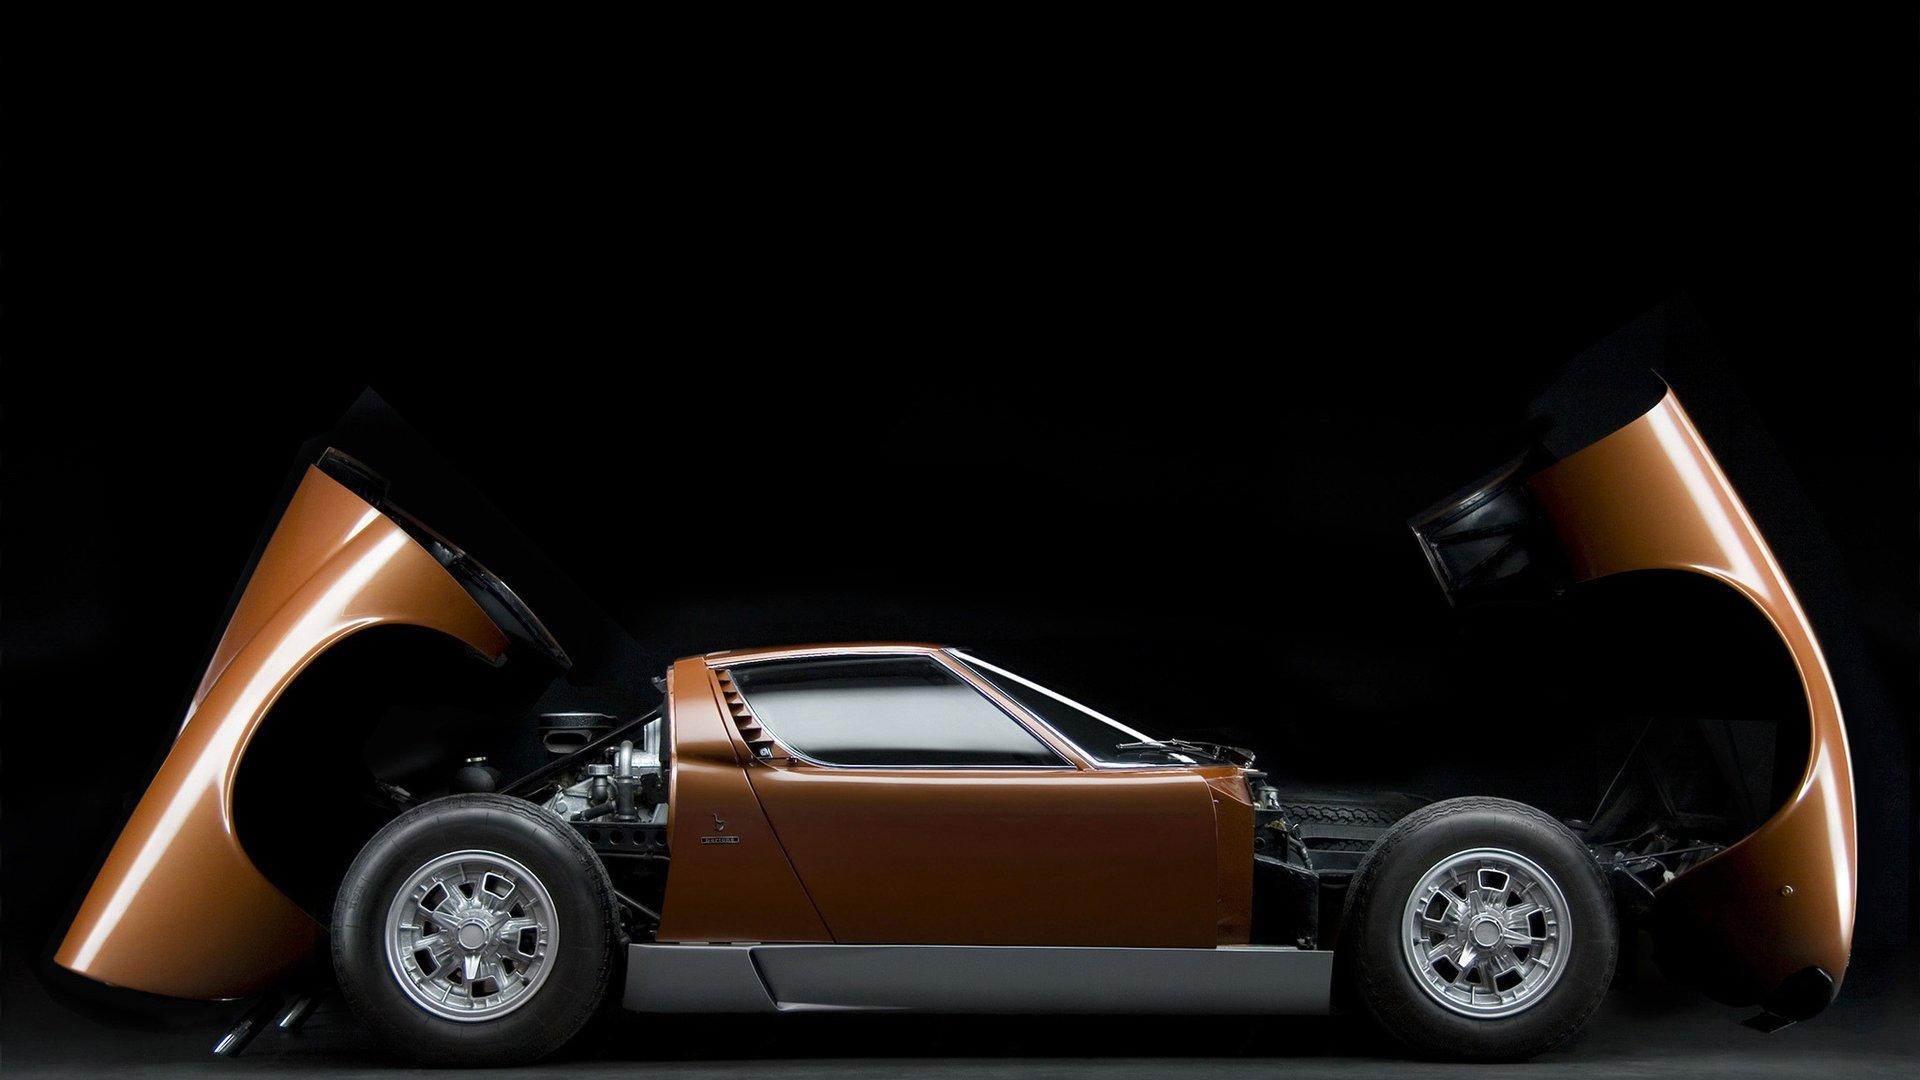 Lamborghini Miura HD Wallpaper | Background Image ...